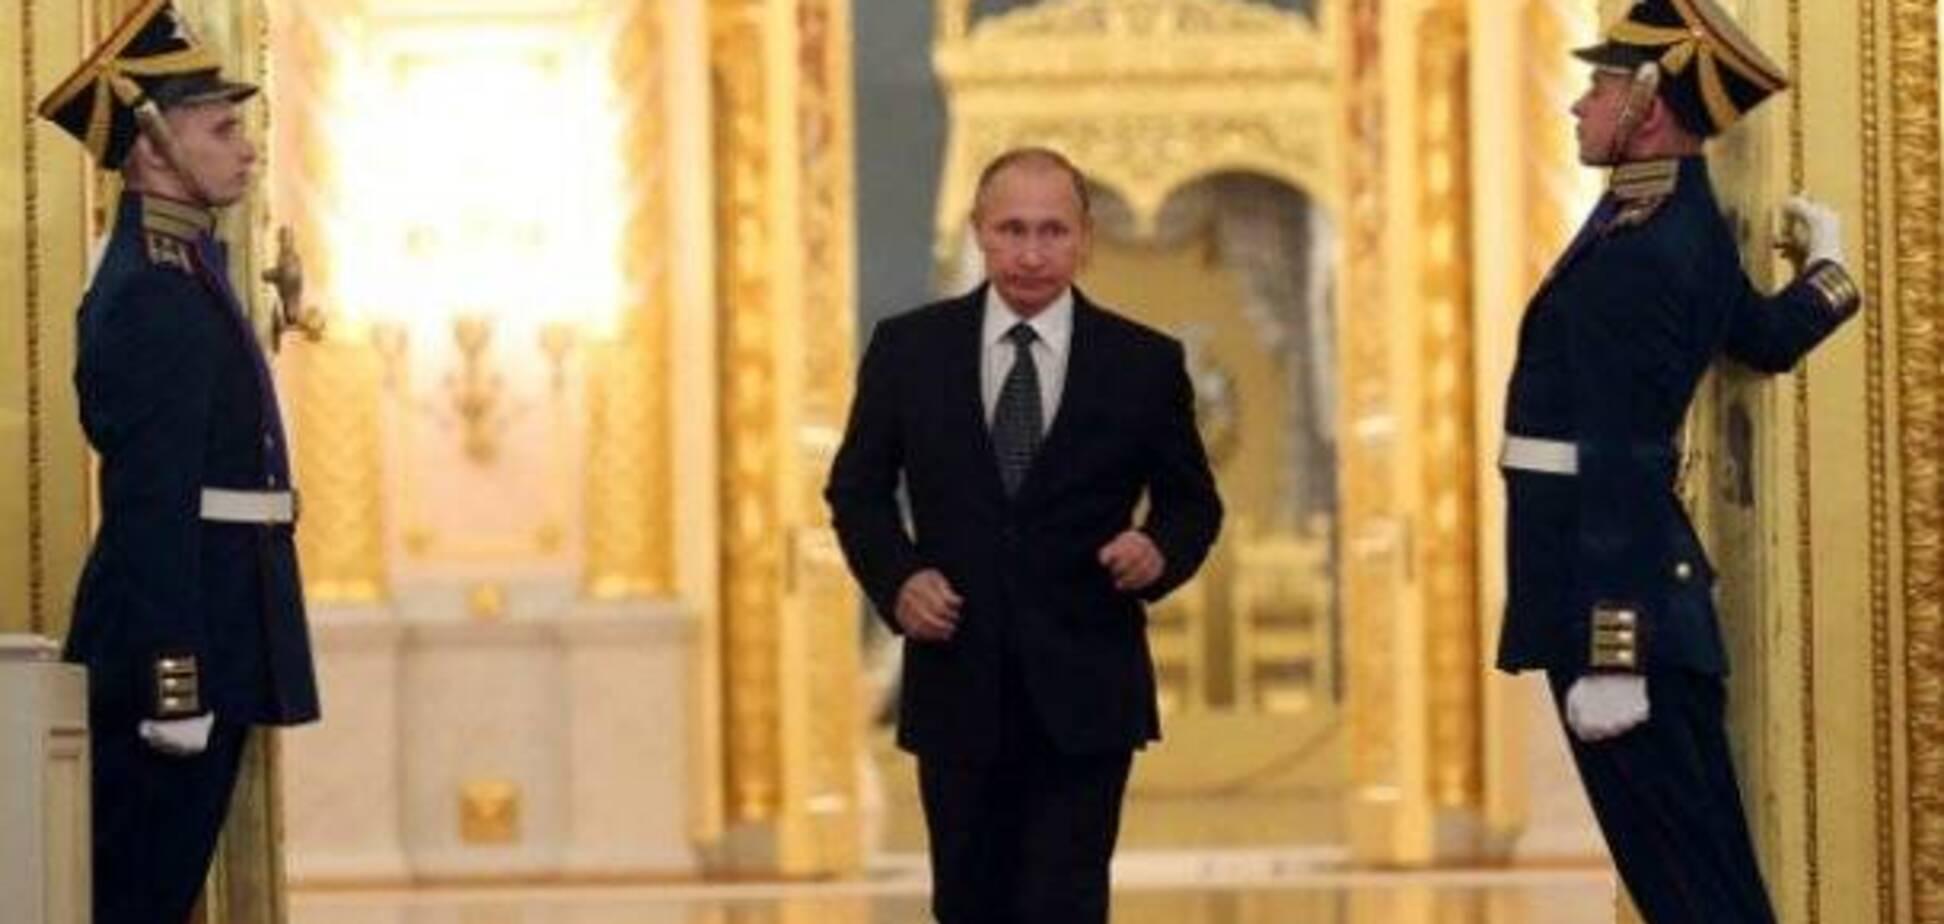 Вас ведь предупреждали: не ходите на голосование за Путина